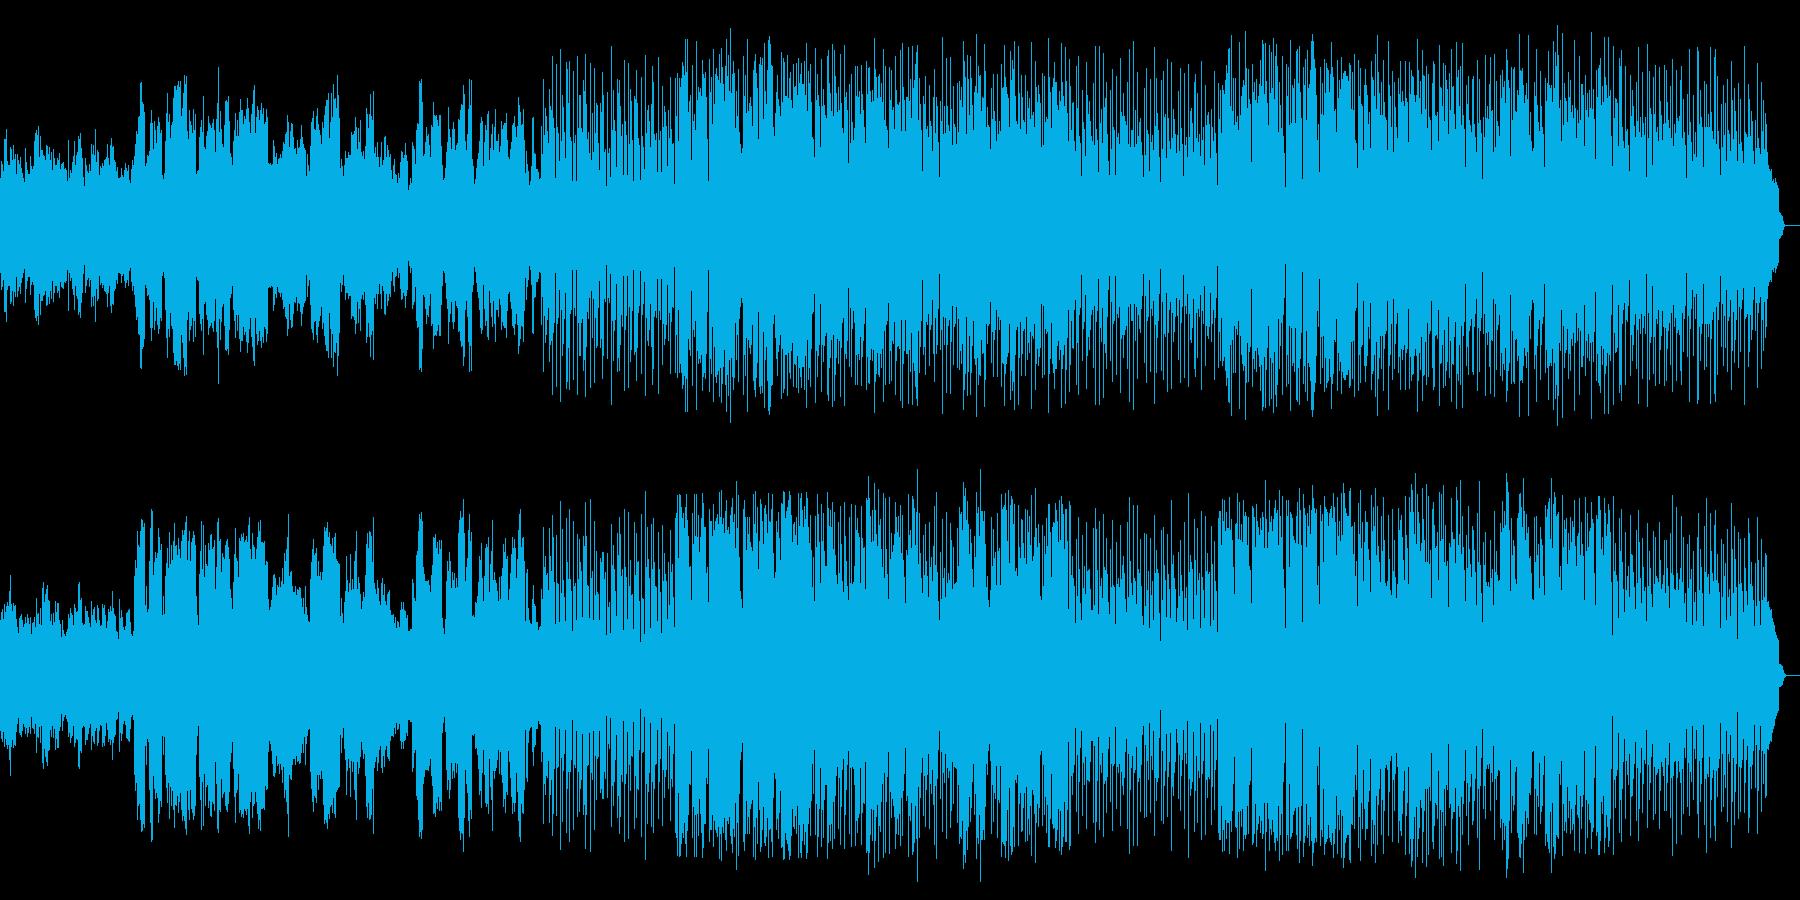 昭和レトロ感のあるビギンをサックスが演奏の再生済みの波形